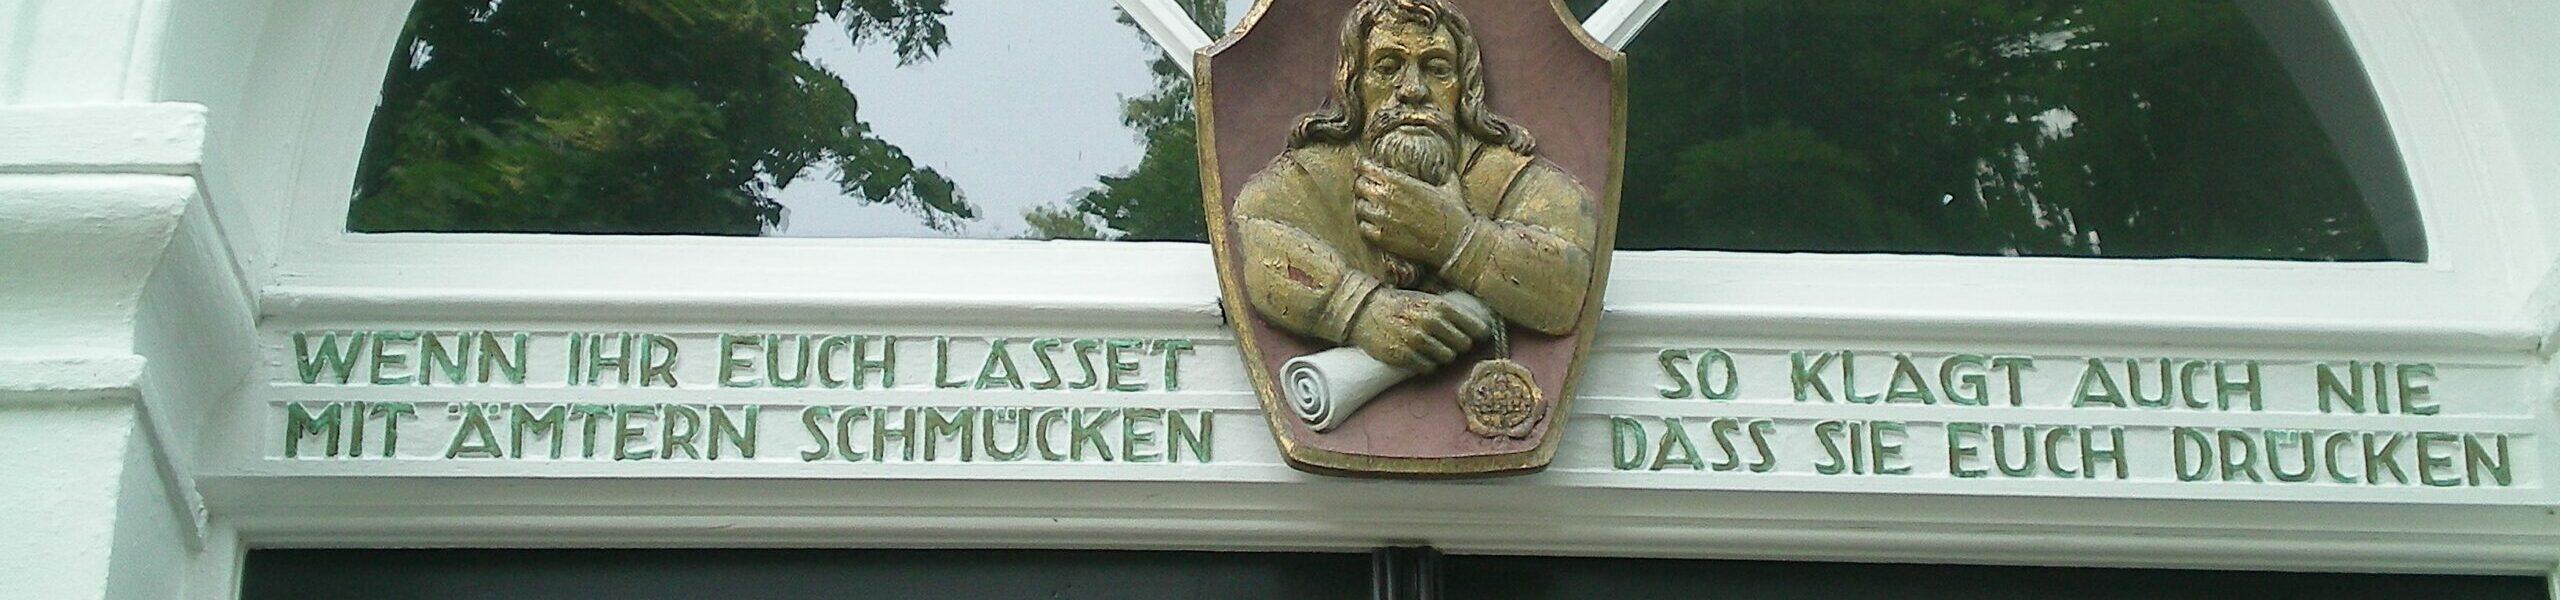 Eingangstür Residenzstadt Greiz / Thüringen